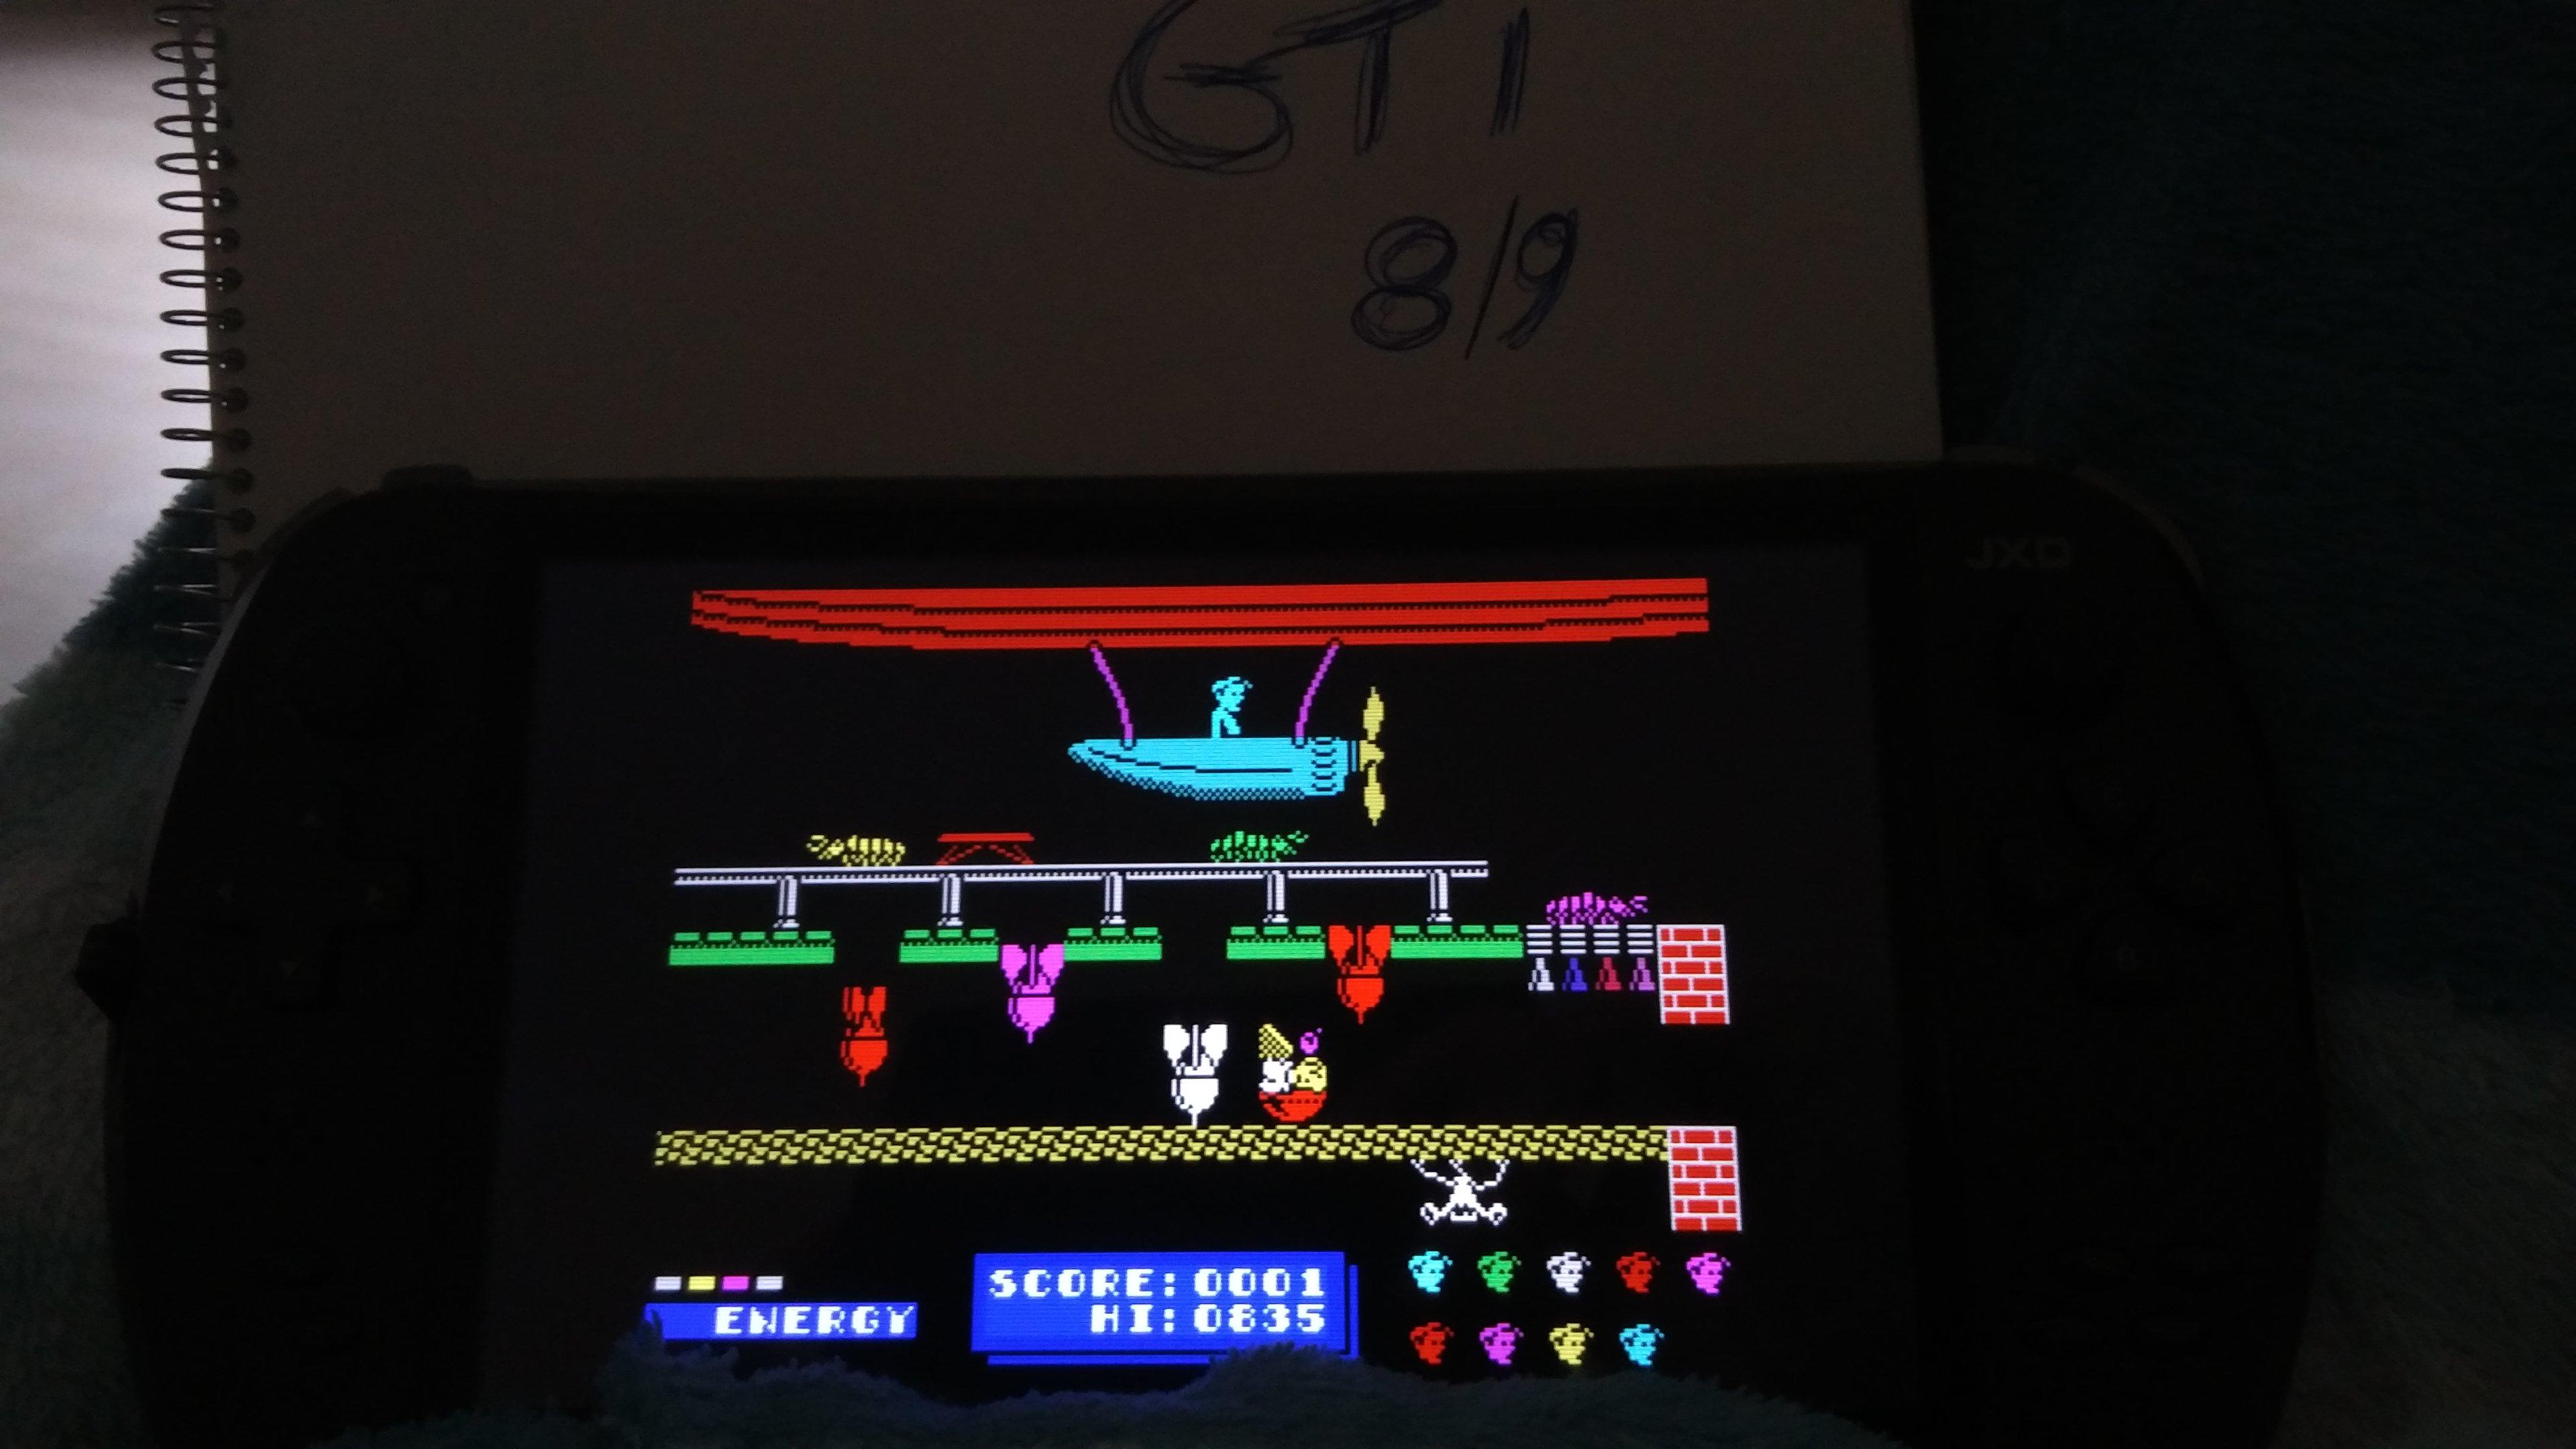 GTibel: Dynamite Dan (ZX Spectrum Emulated) 835 points on 2017-09-09 00:30:29